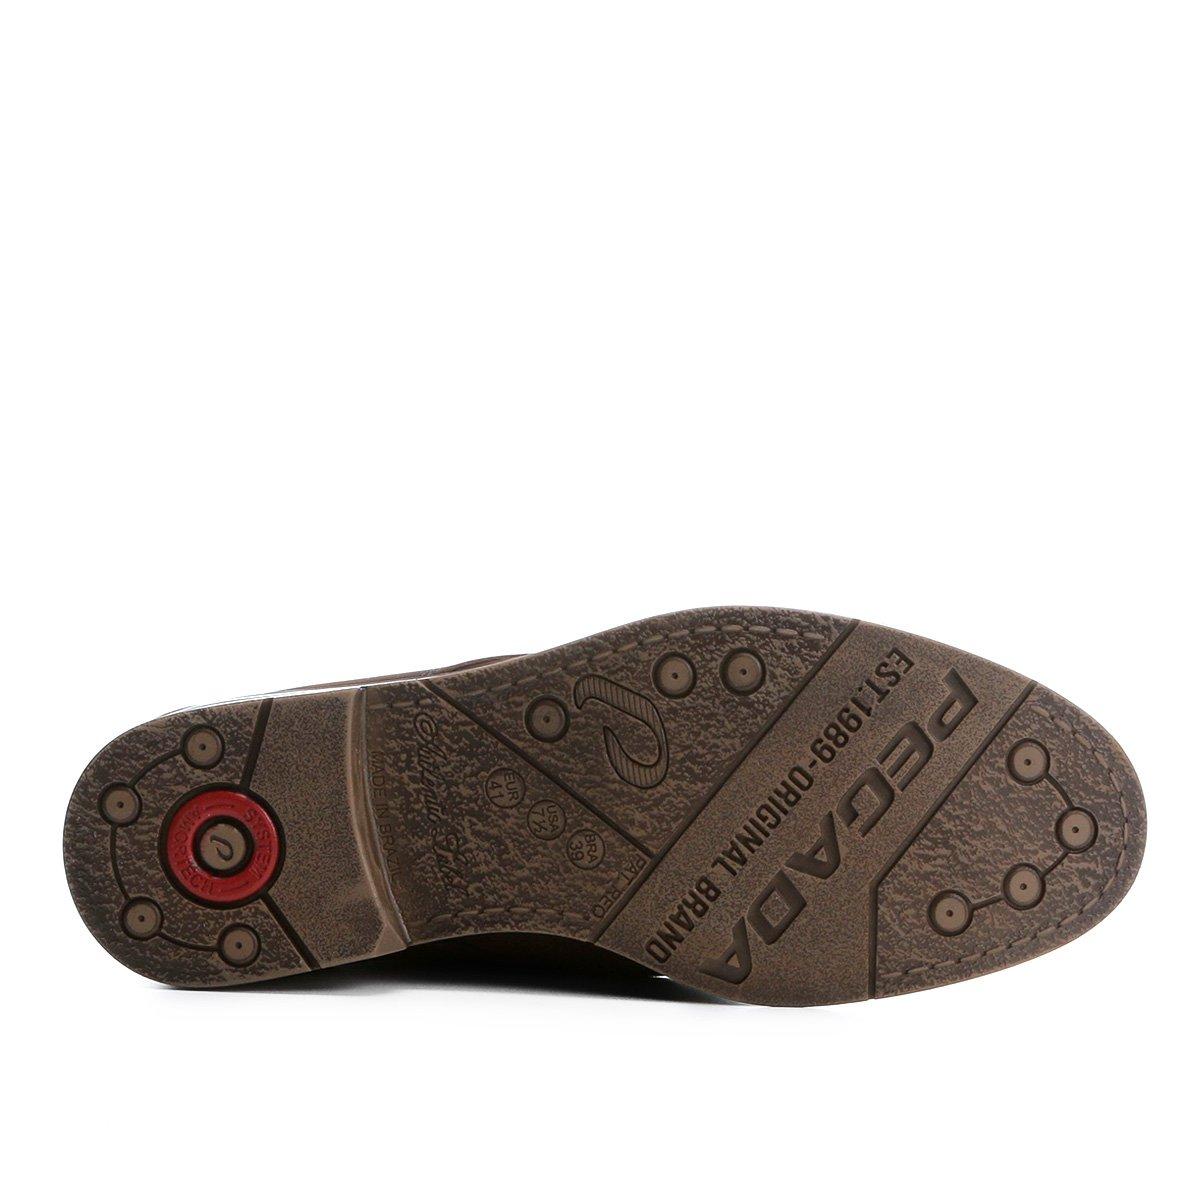 Masculino Casual Sapato Pegada Couro Sapato Marrom Casual rBEFqEX